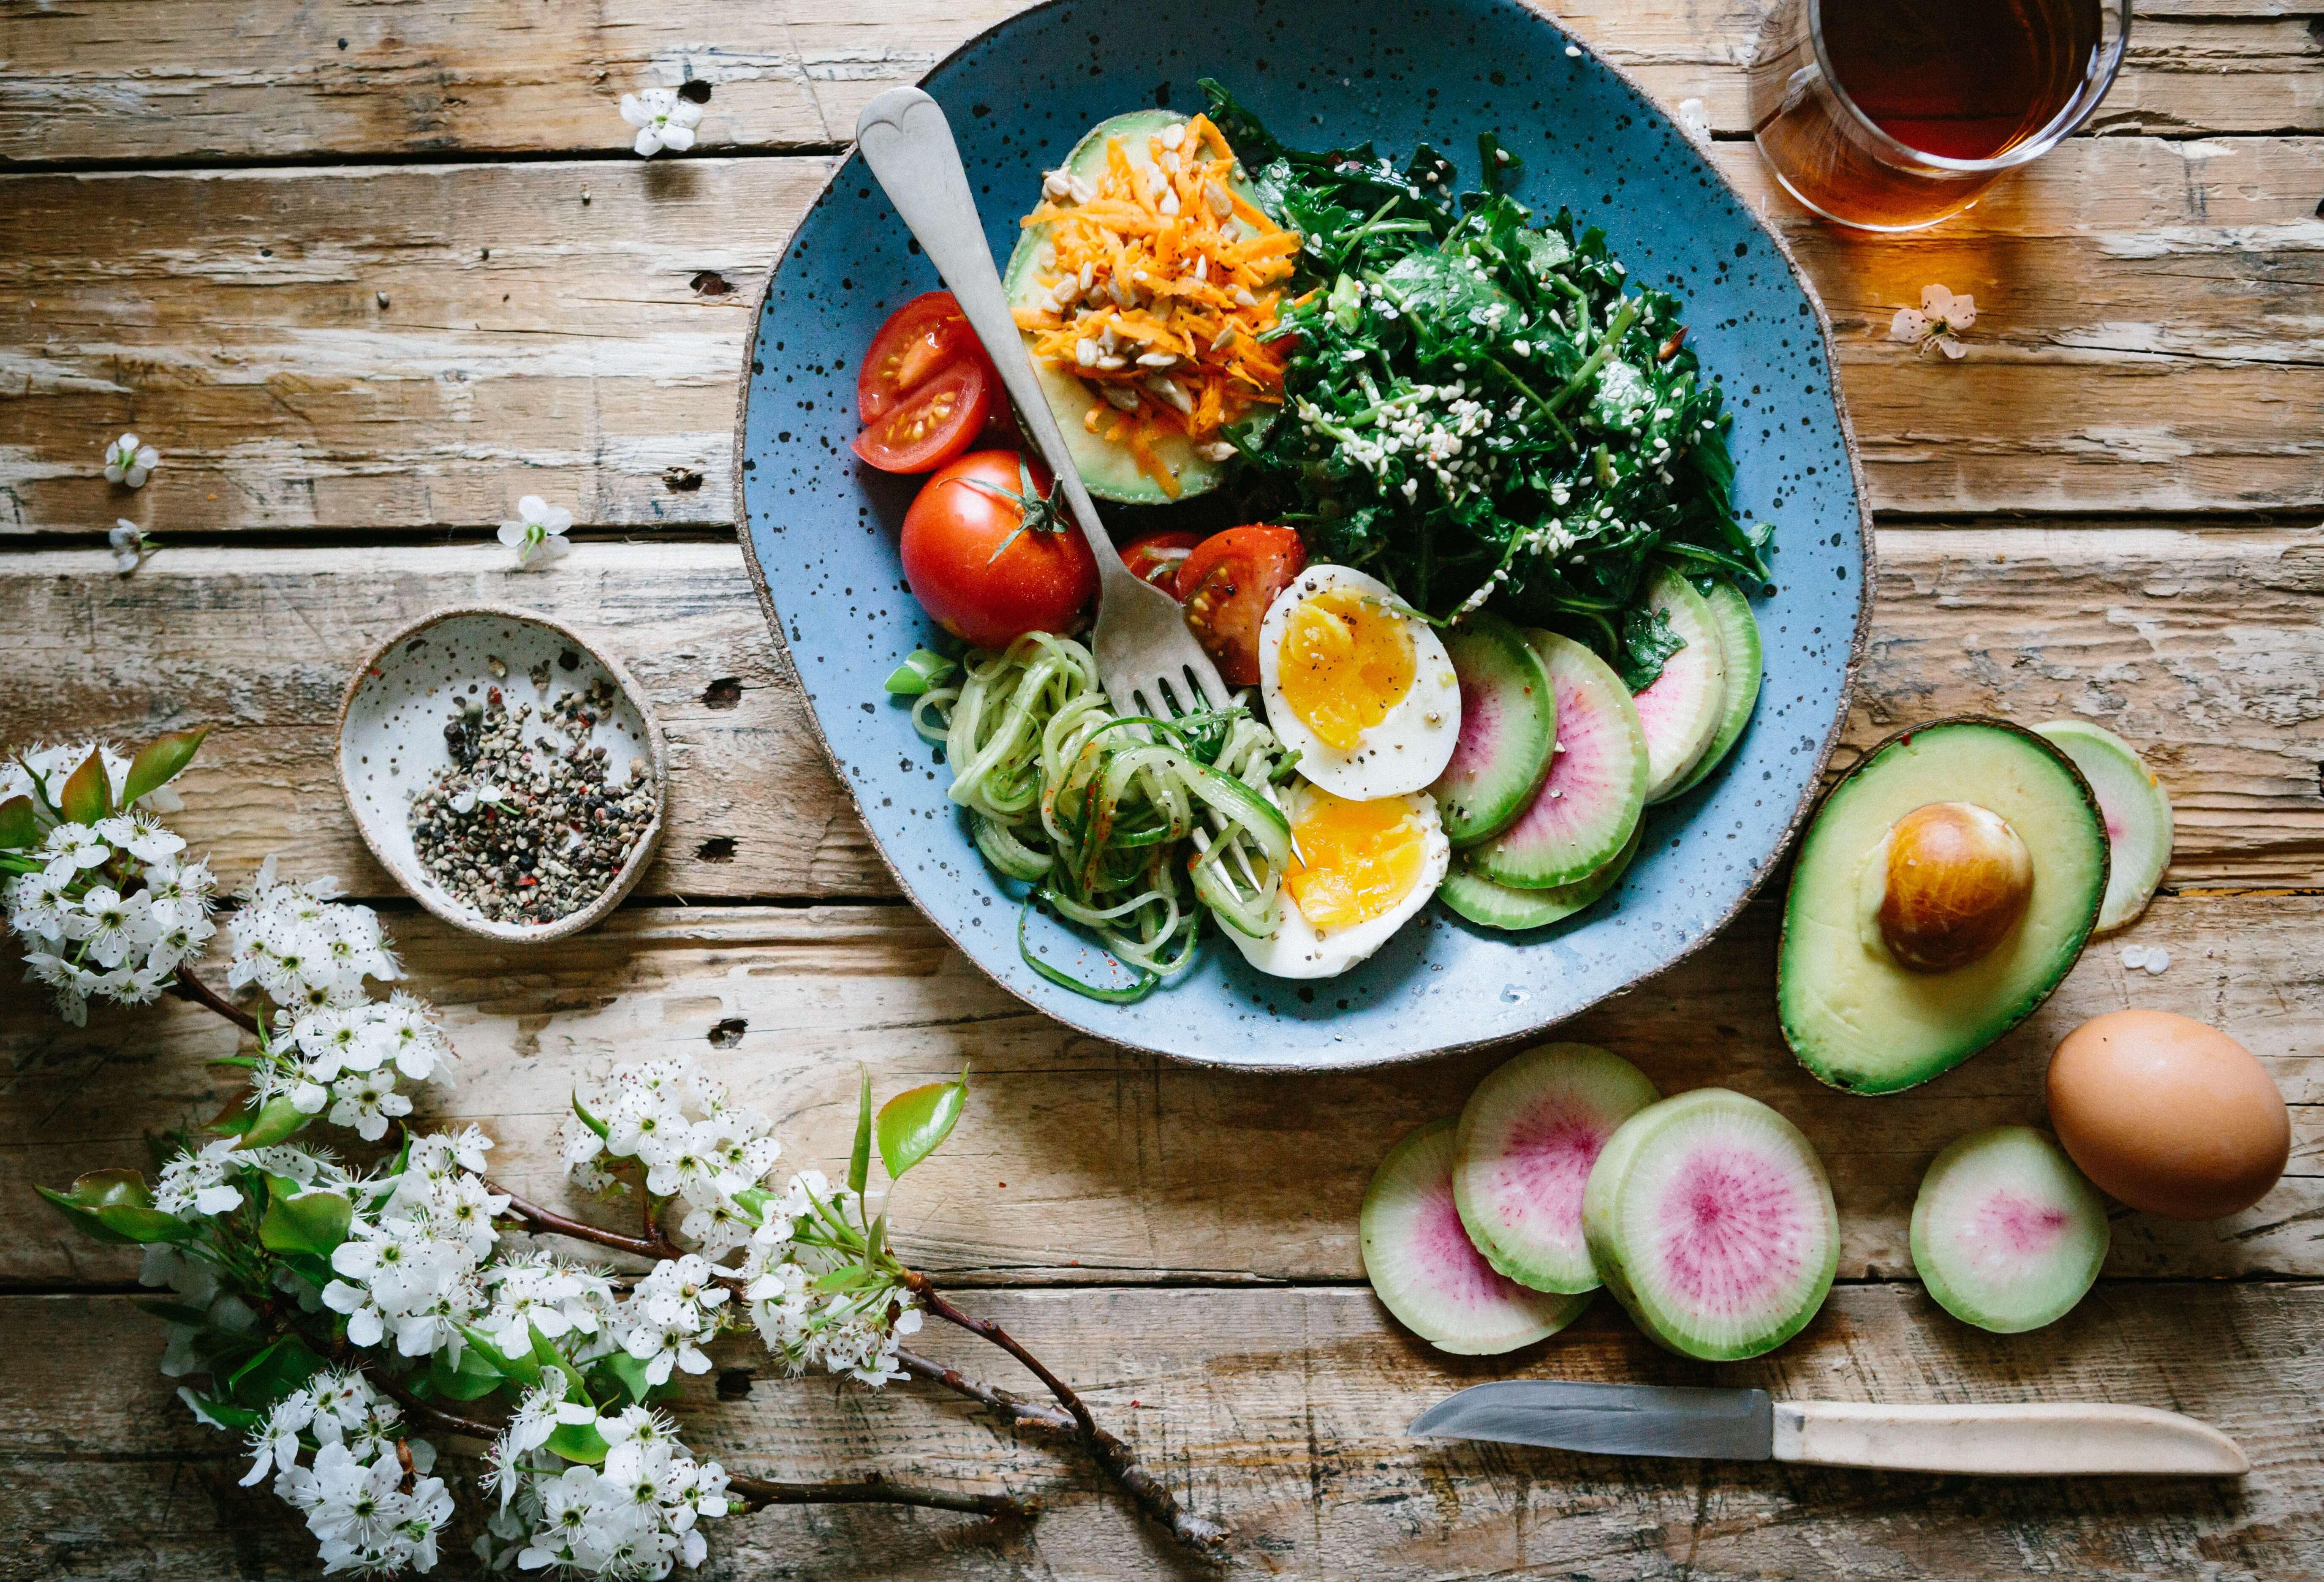 【保存版】効果をすぐに実感できるダイエット方法まとめ|代謝を上げて最速で痩せる